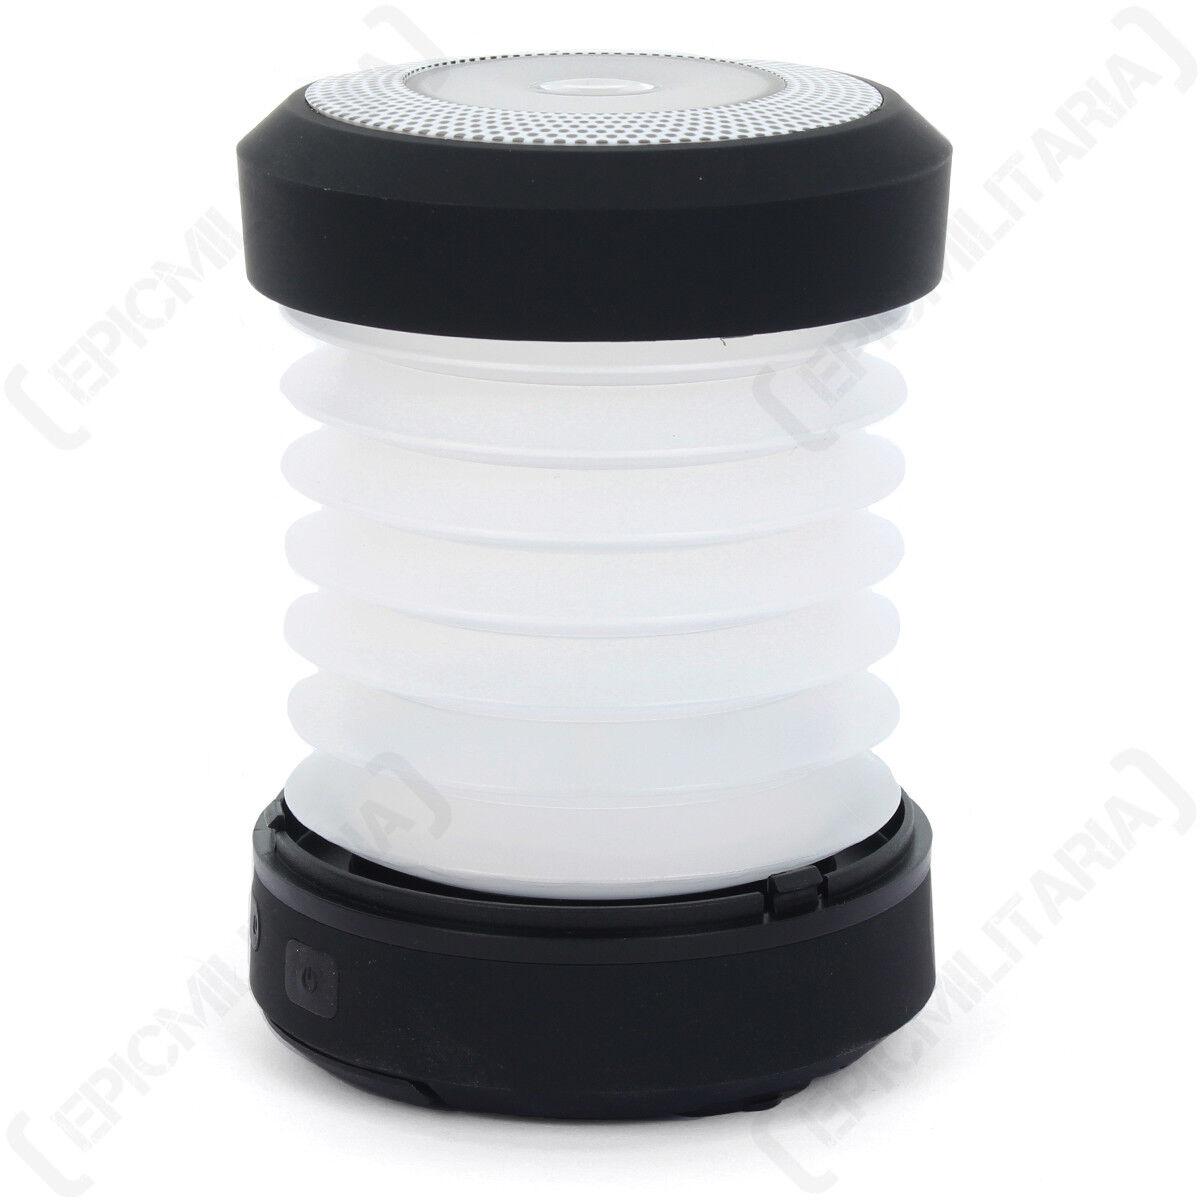 Dynamo/USB Camping Lanterne-Outdoors Lanterne-Outdoors Lanterne-Outdoors Compact Lampe Léger Torche Nouveau 32fe2d